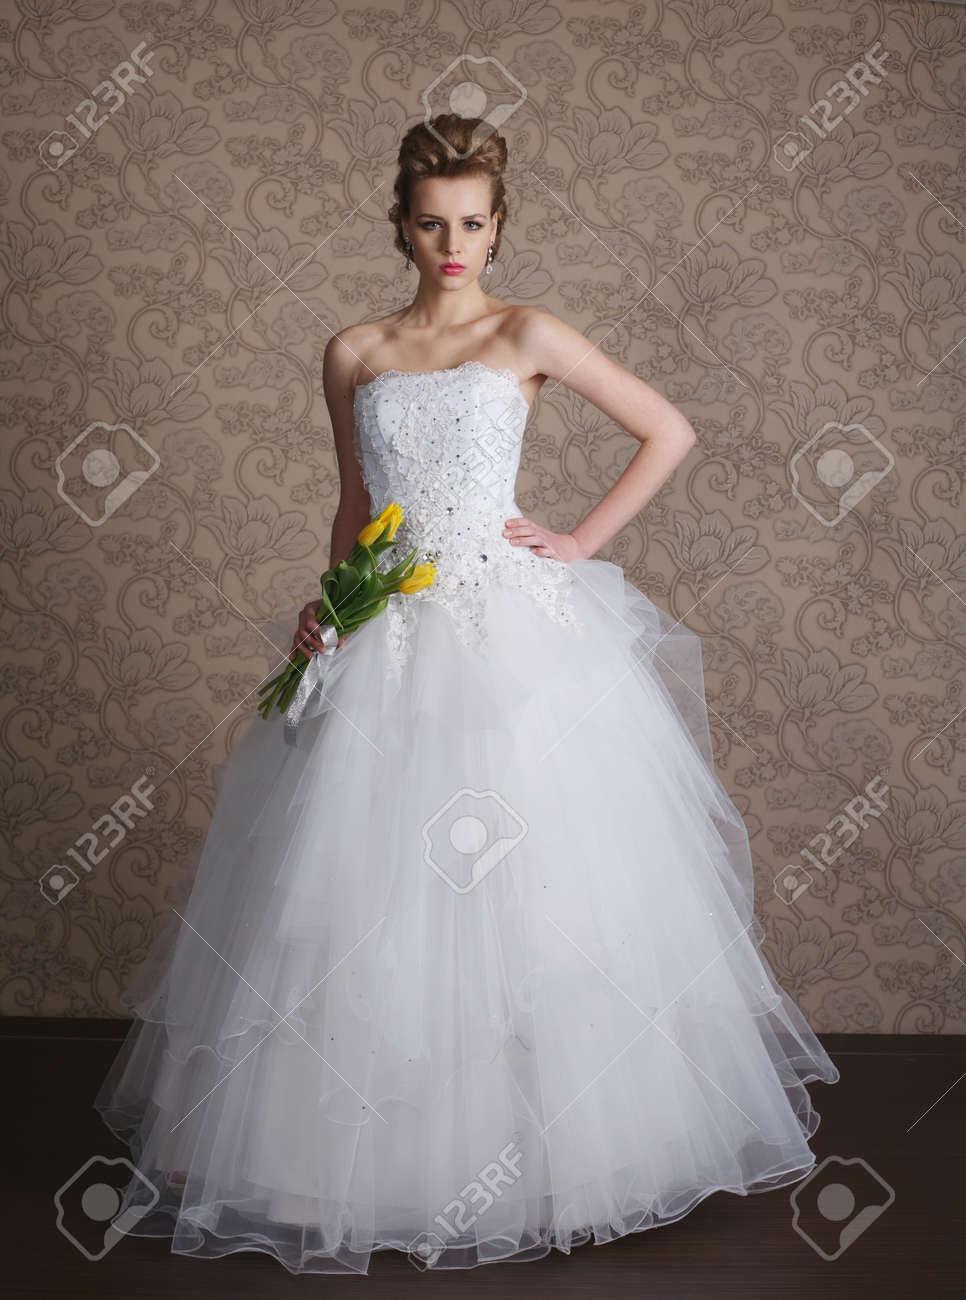 Foto Der Jungen Schonen Braut Im Hochzeitskleid Lizenzfreie Fotos